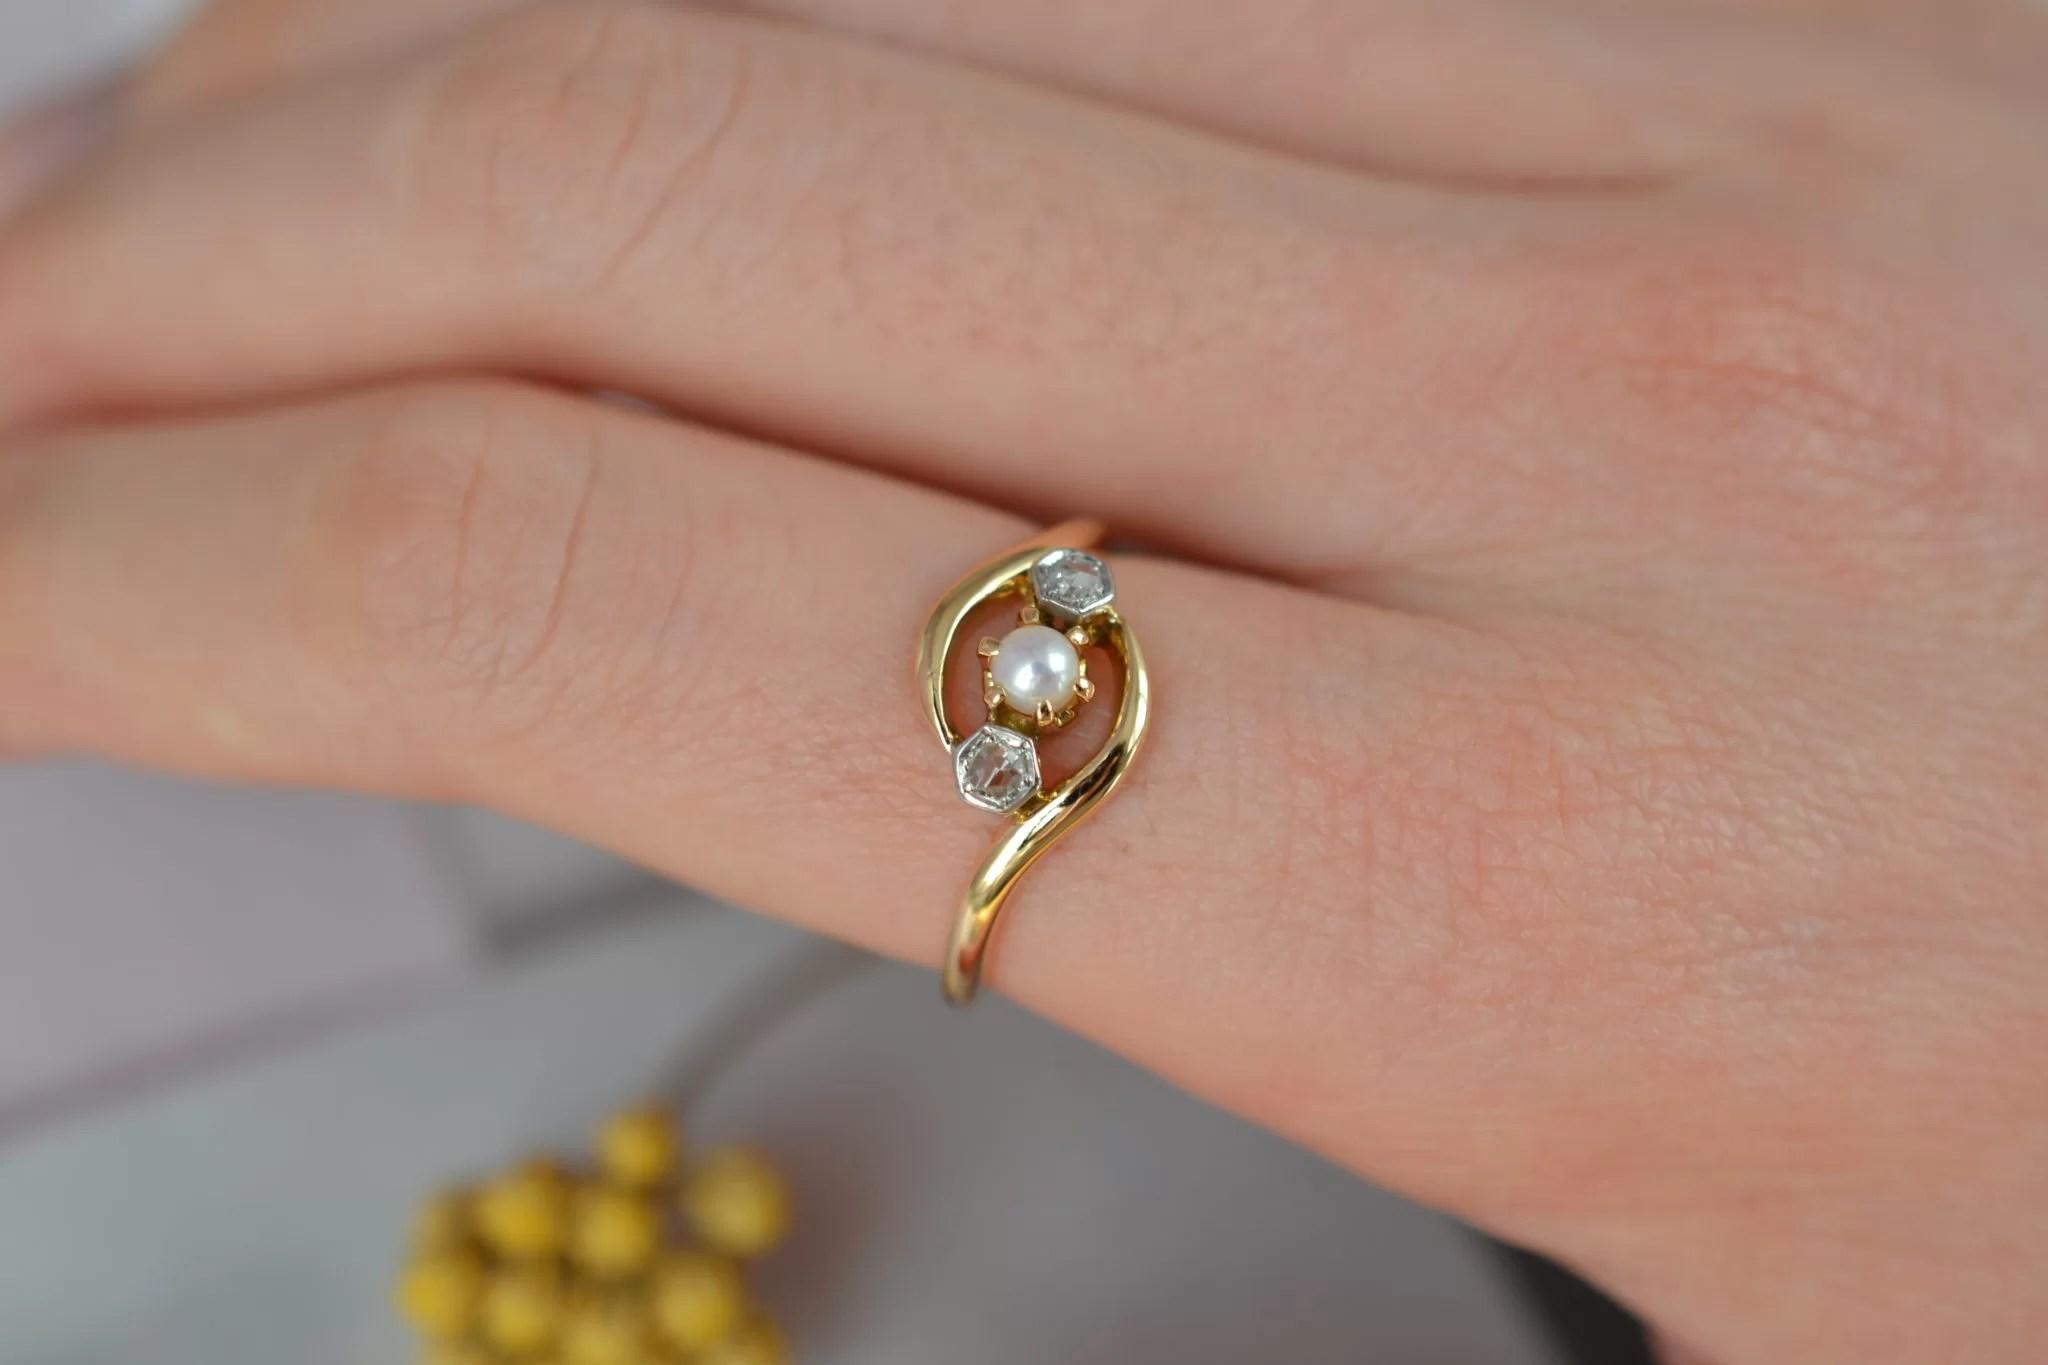 Bague _Toi et Moi_ Belle Époque en Or jaune, sertie de deux roses de diamant et d_une petite perle - bague rétro